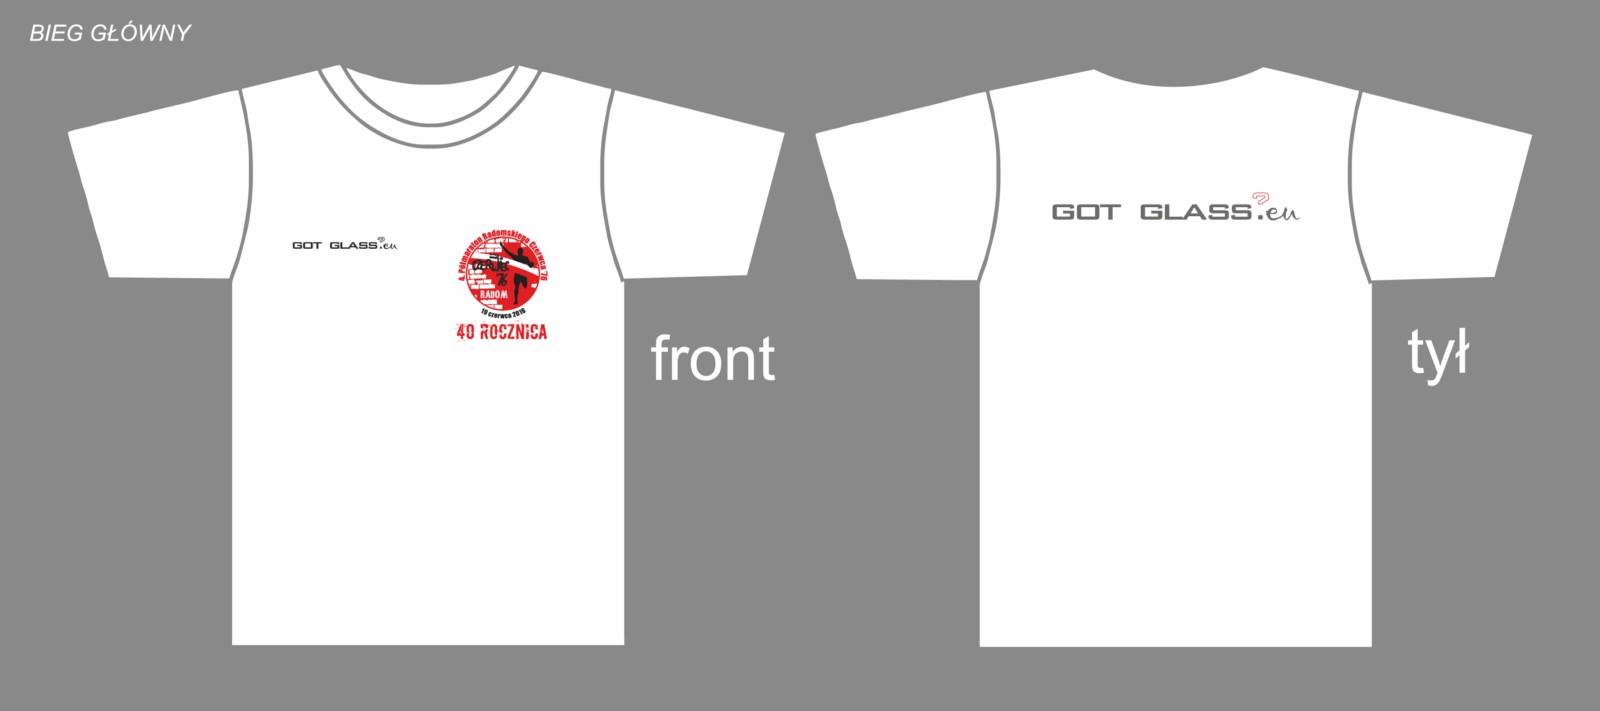 Polmaraton-Radomskiego-Czerwca-2016-koszulka-bieg-glowny